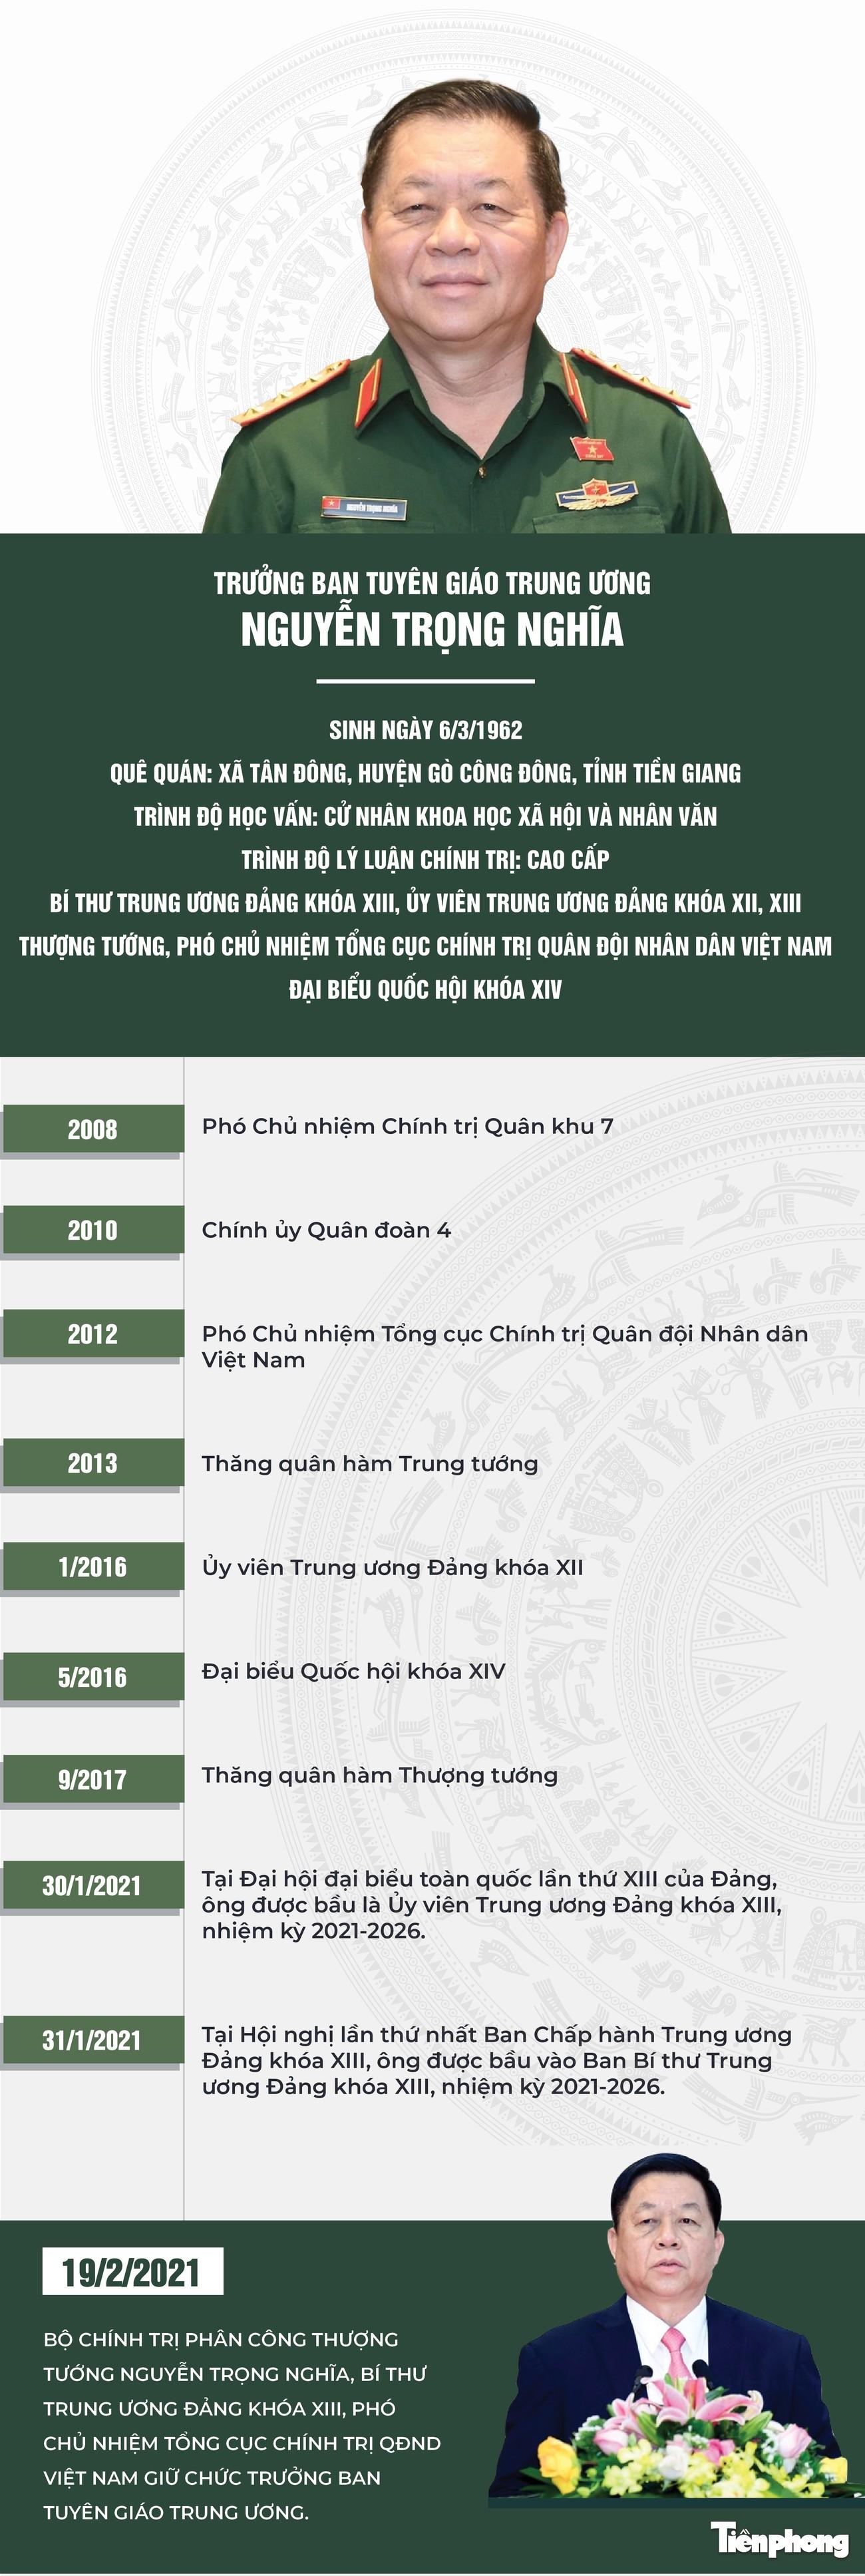 Chân dung tân Trưởng ban Tuyên giáo Trung ương Nguyễn Trọng Nghĩa ảnh 1